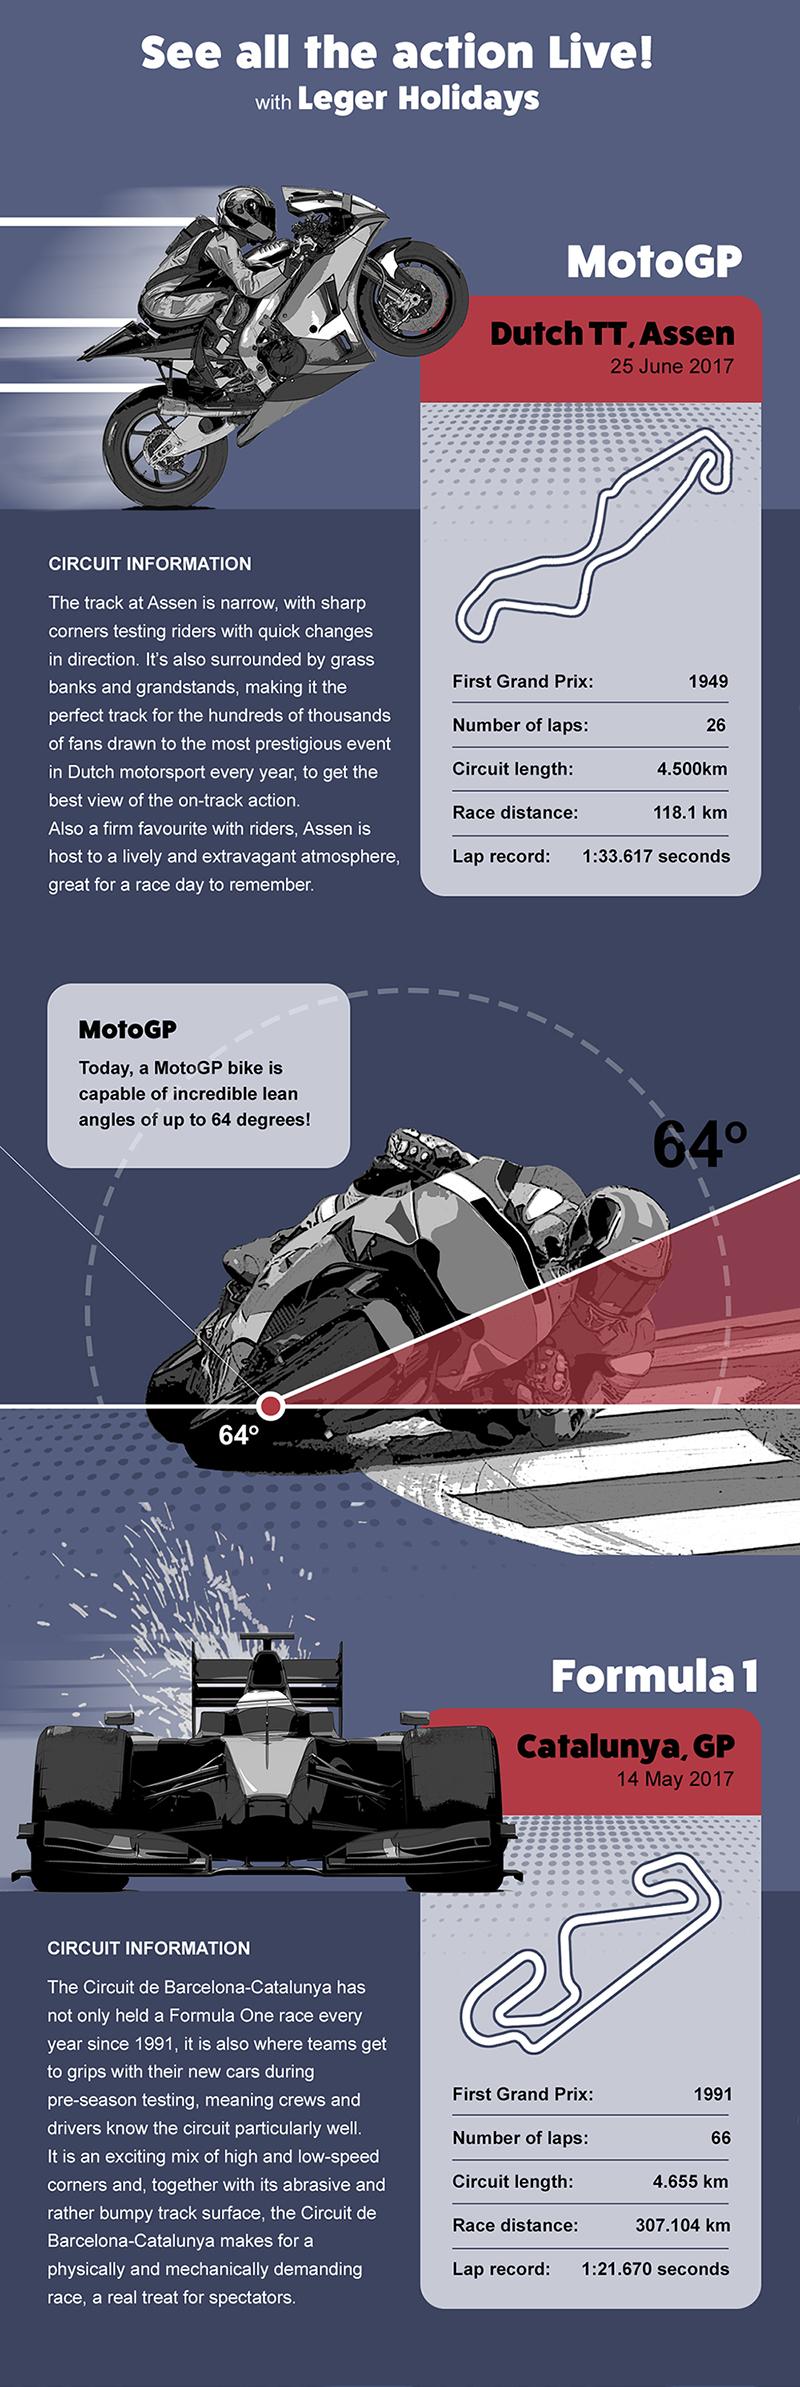 Formula 1 Vs. MotoGP Track Information